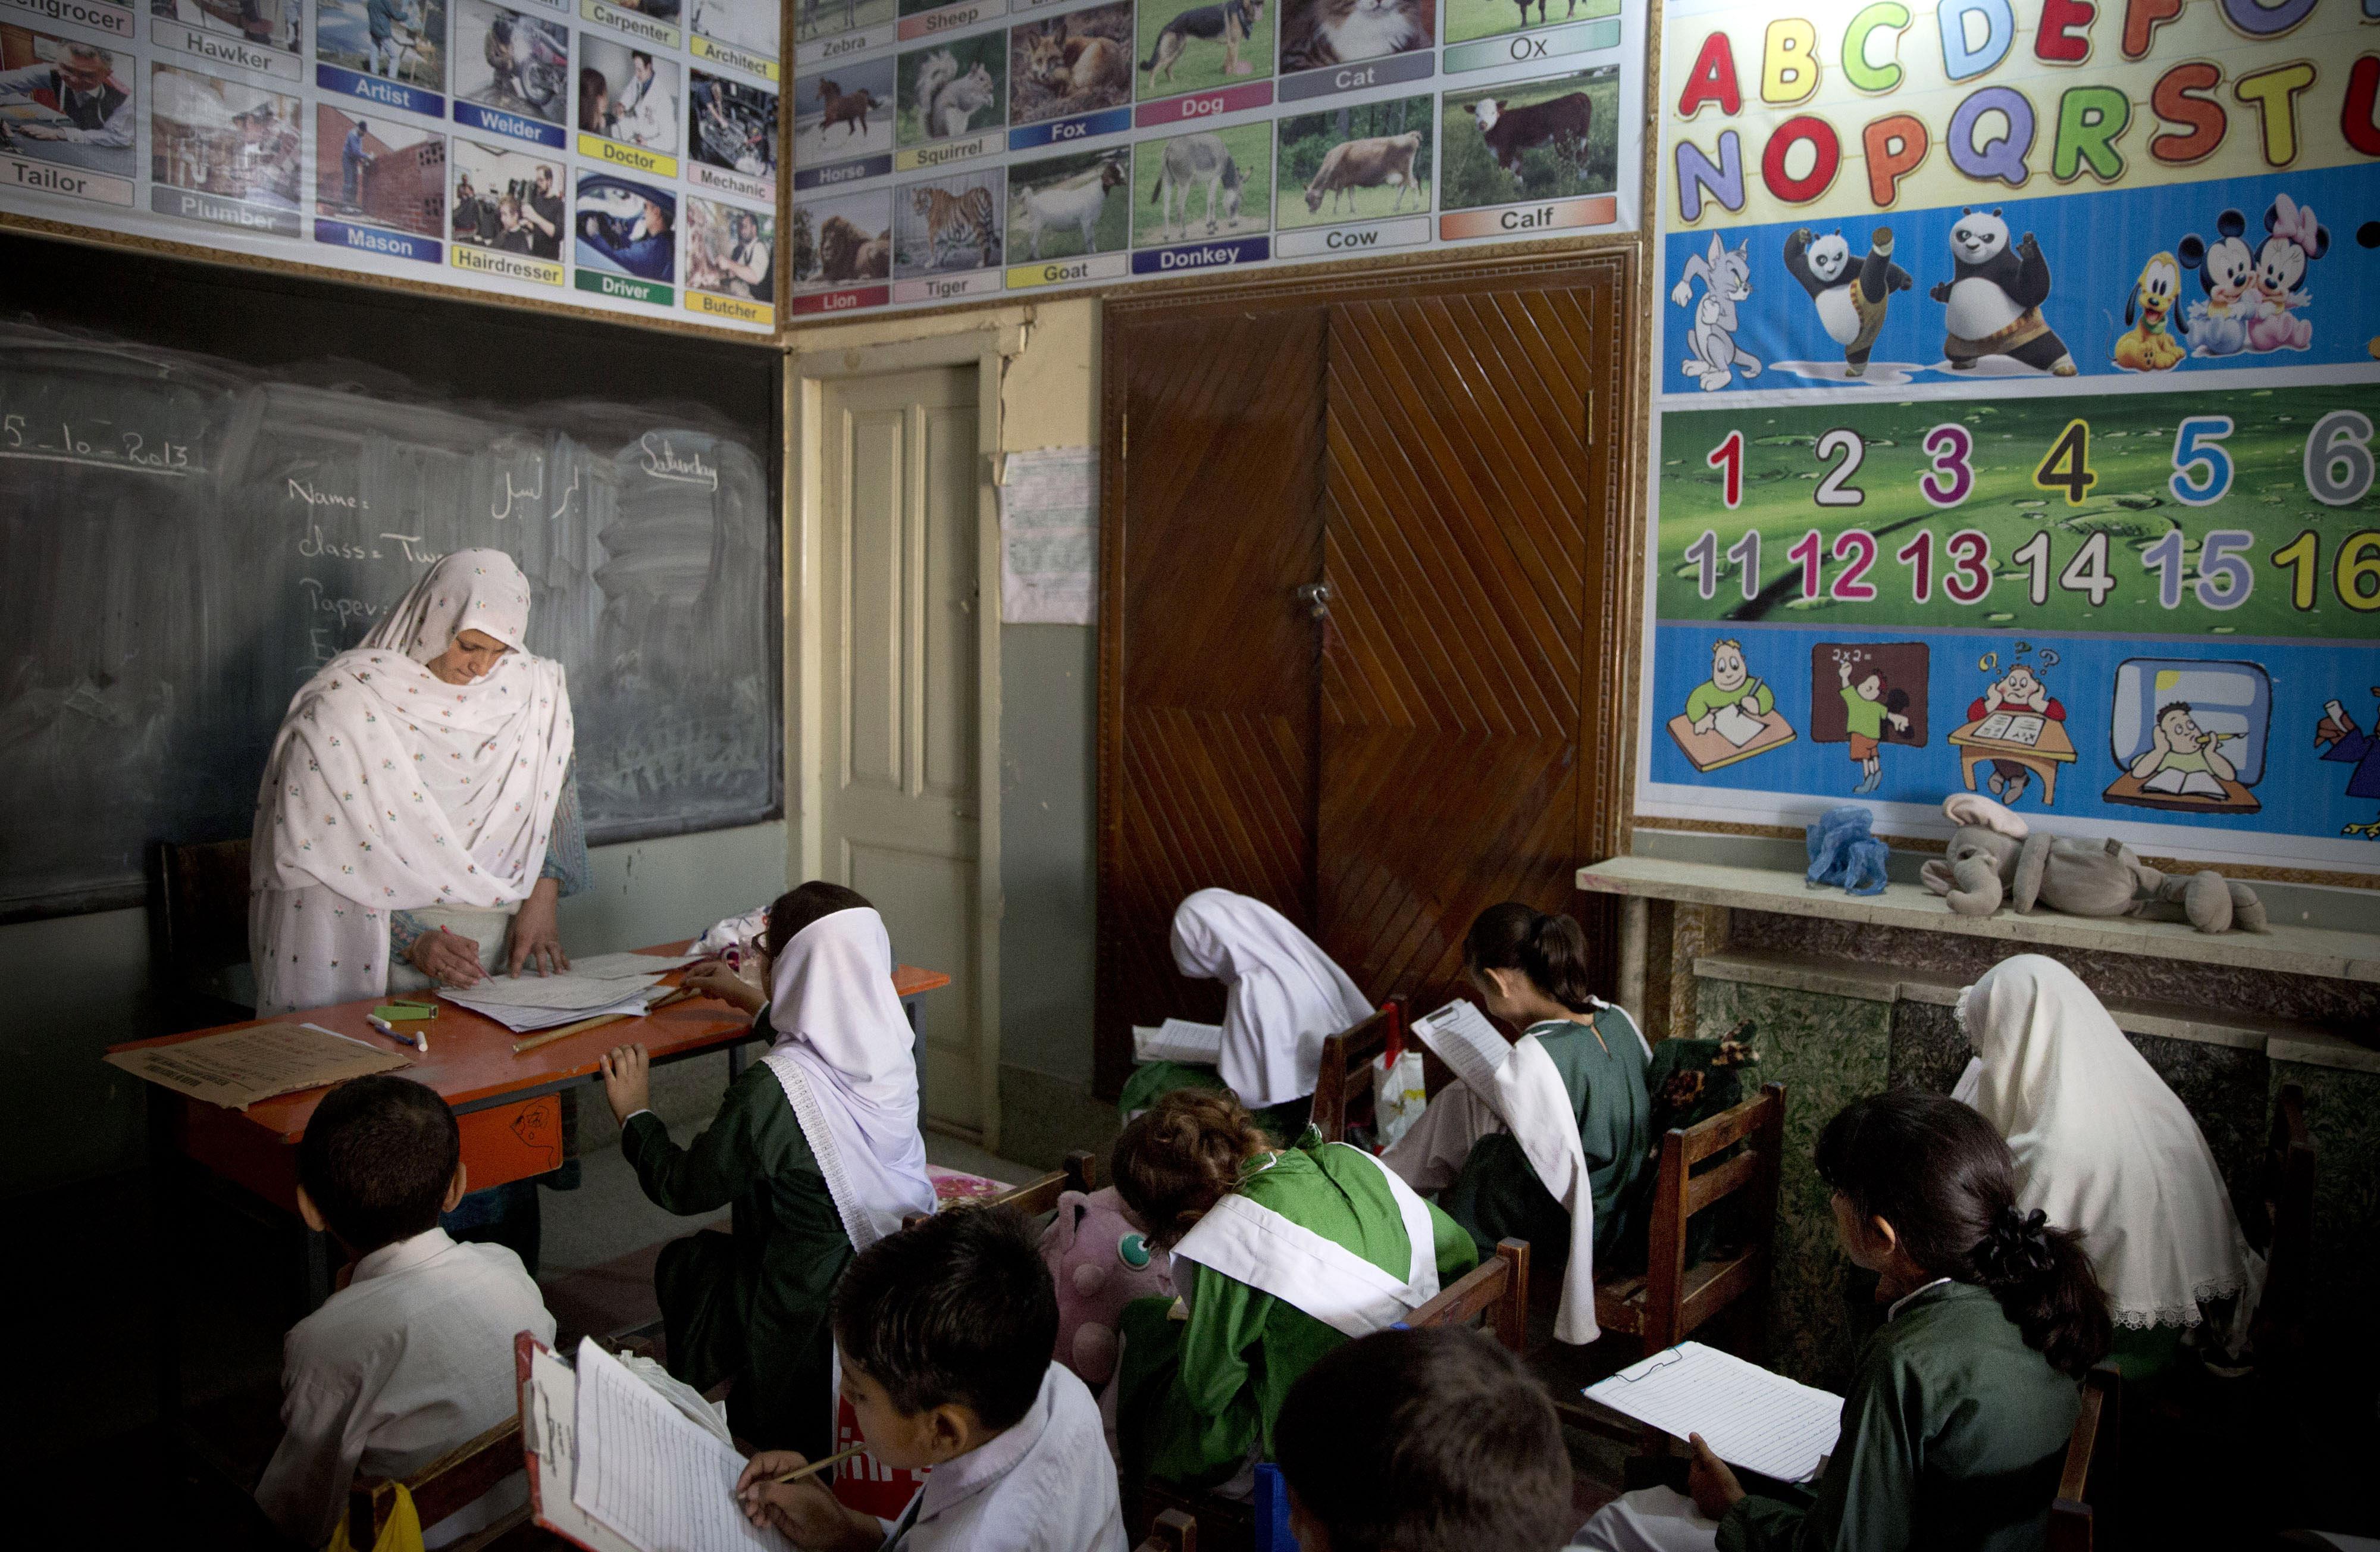 آموزگار و کودکان در کلاس درس (عکس از اسوشیتدپرس)